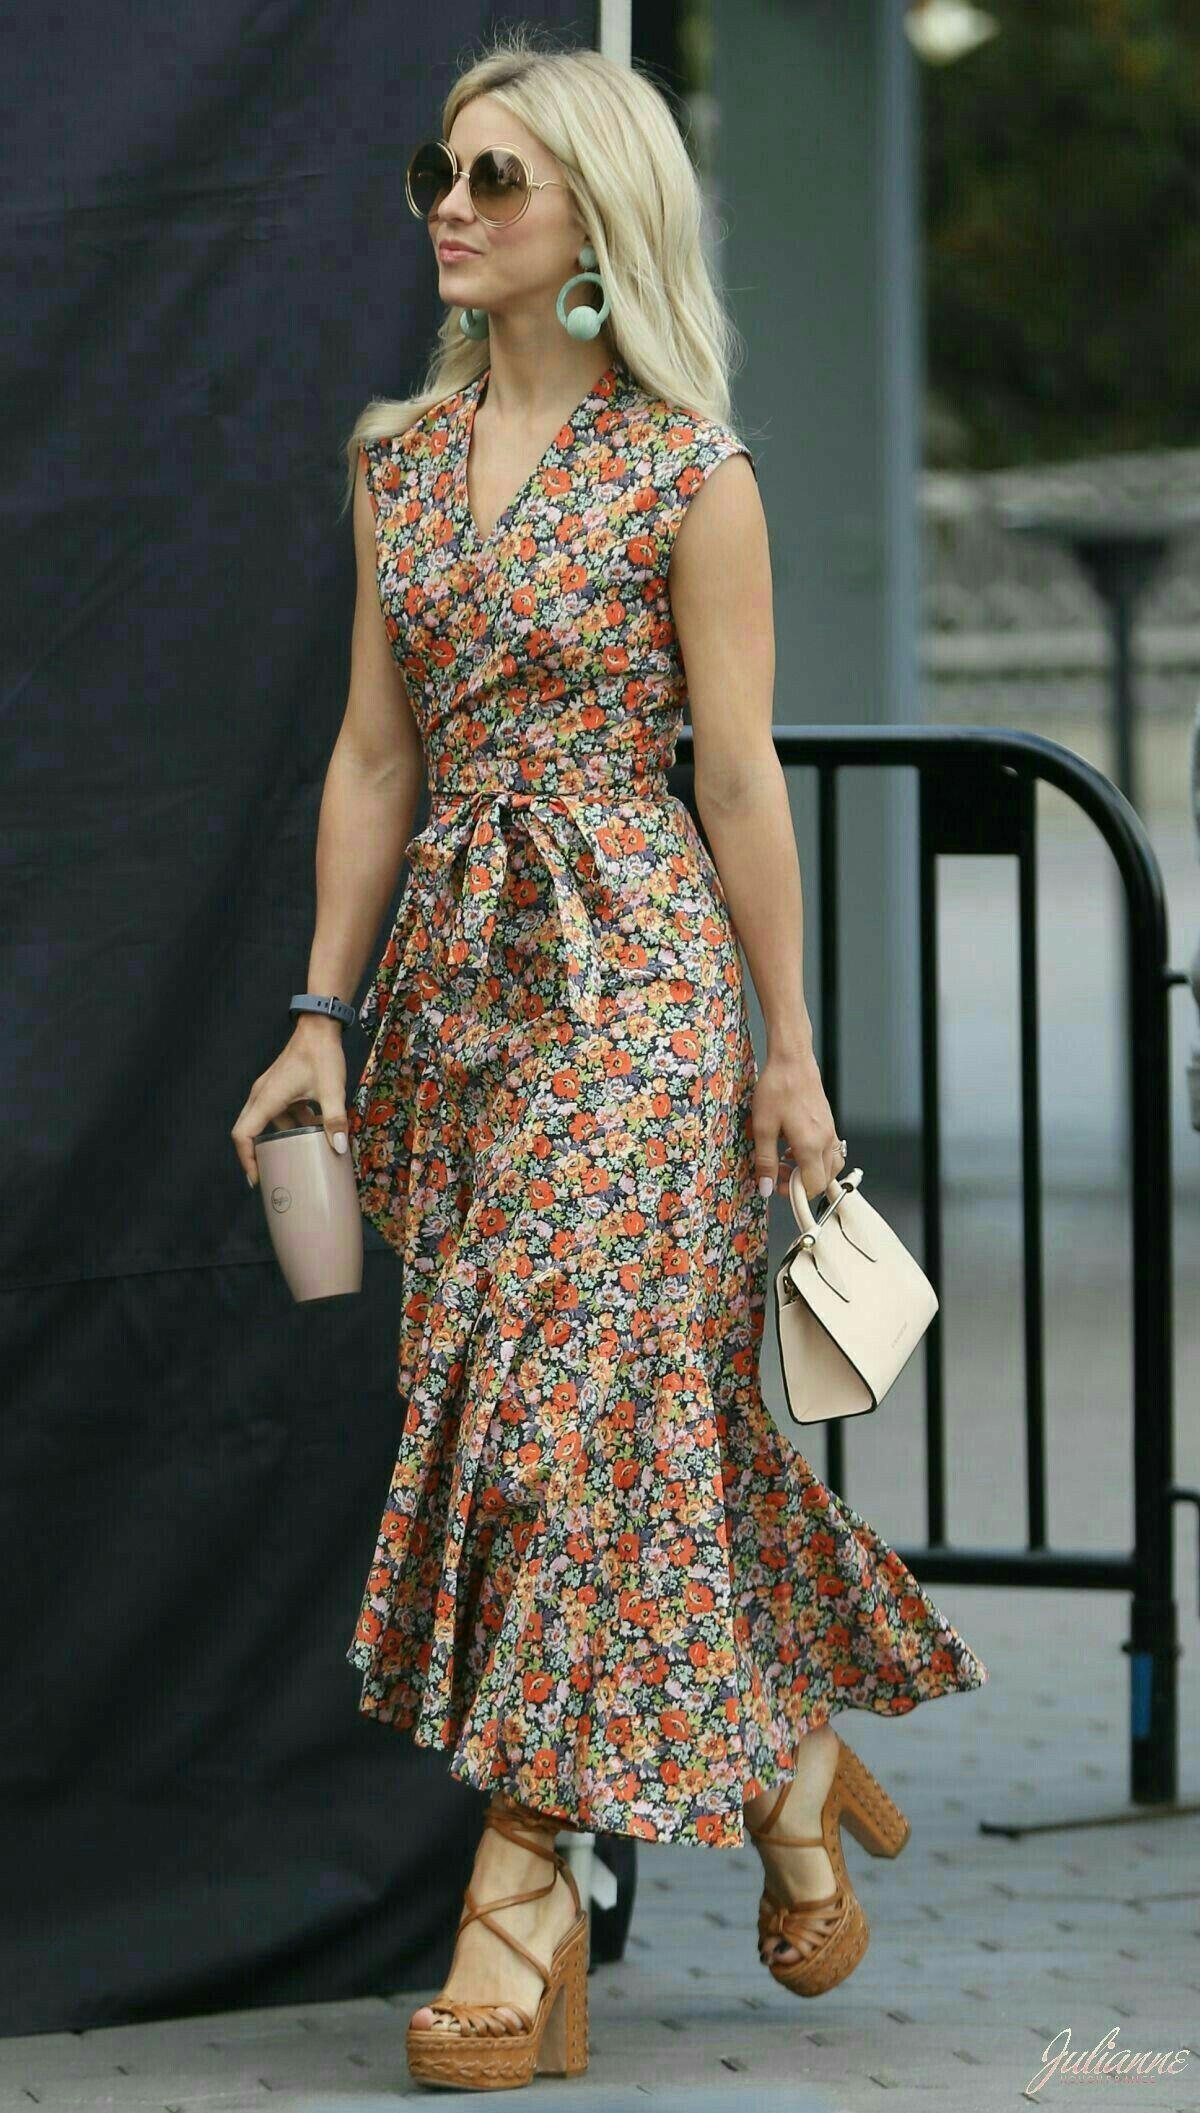 Boho dress, floral dress, boho trend, boho fashion ...